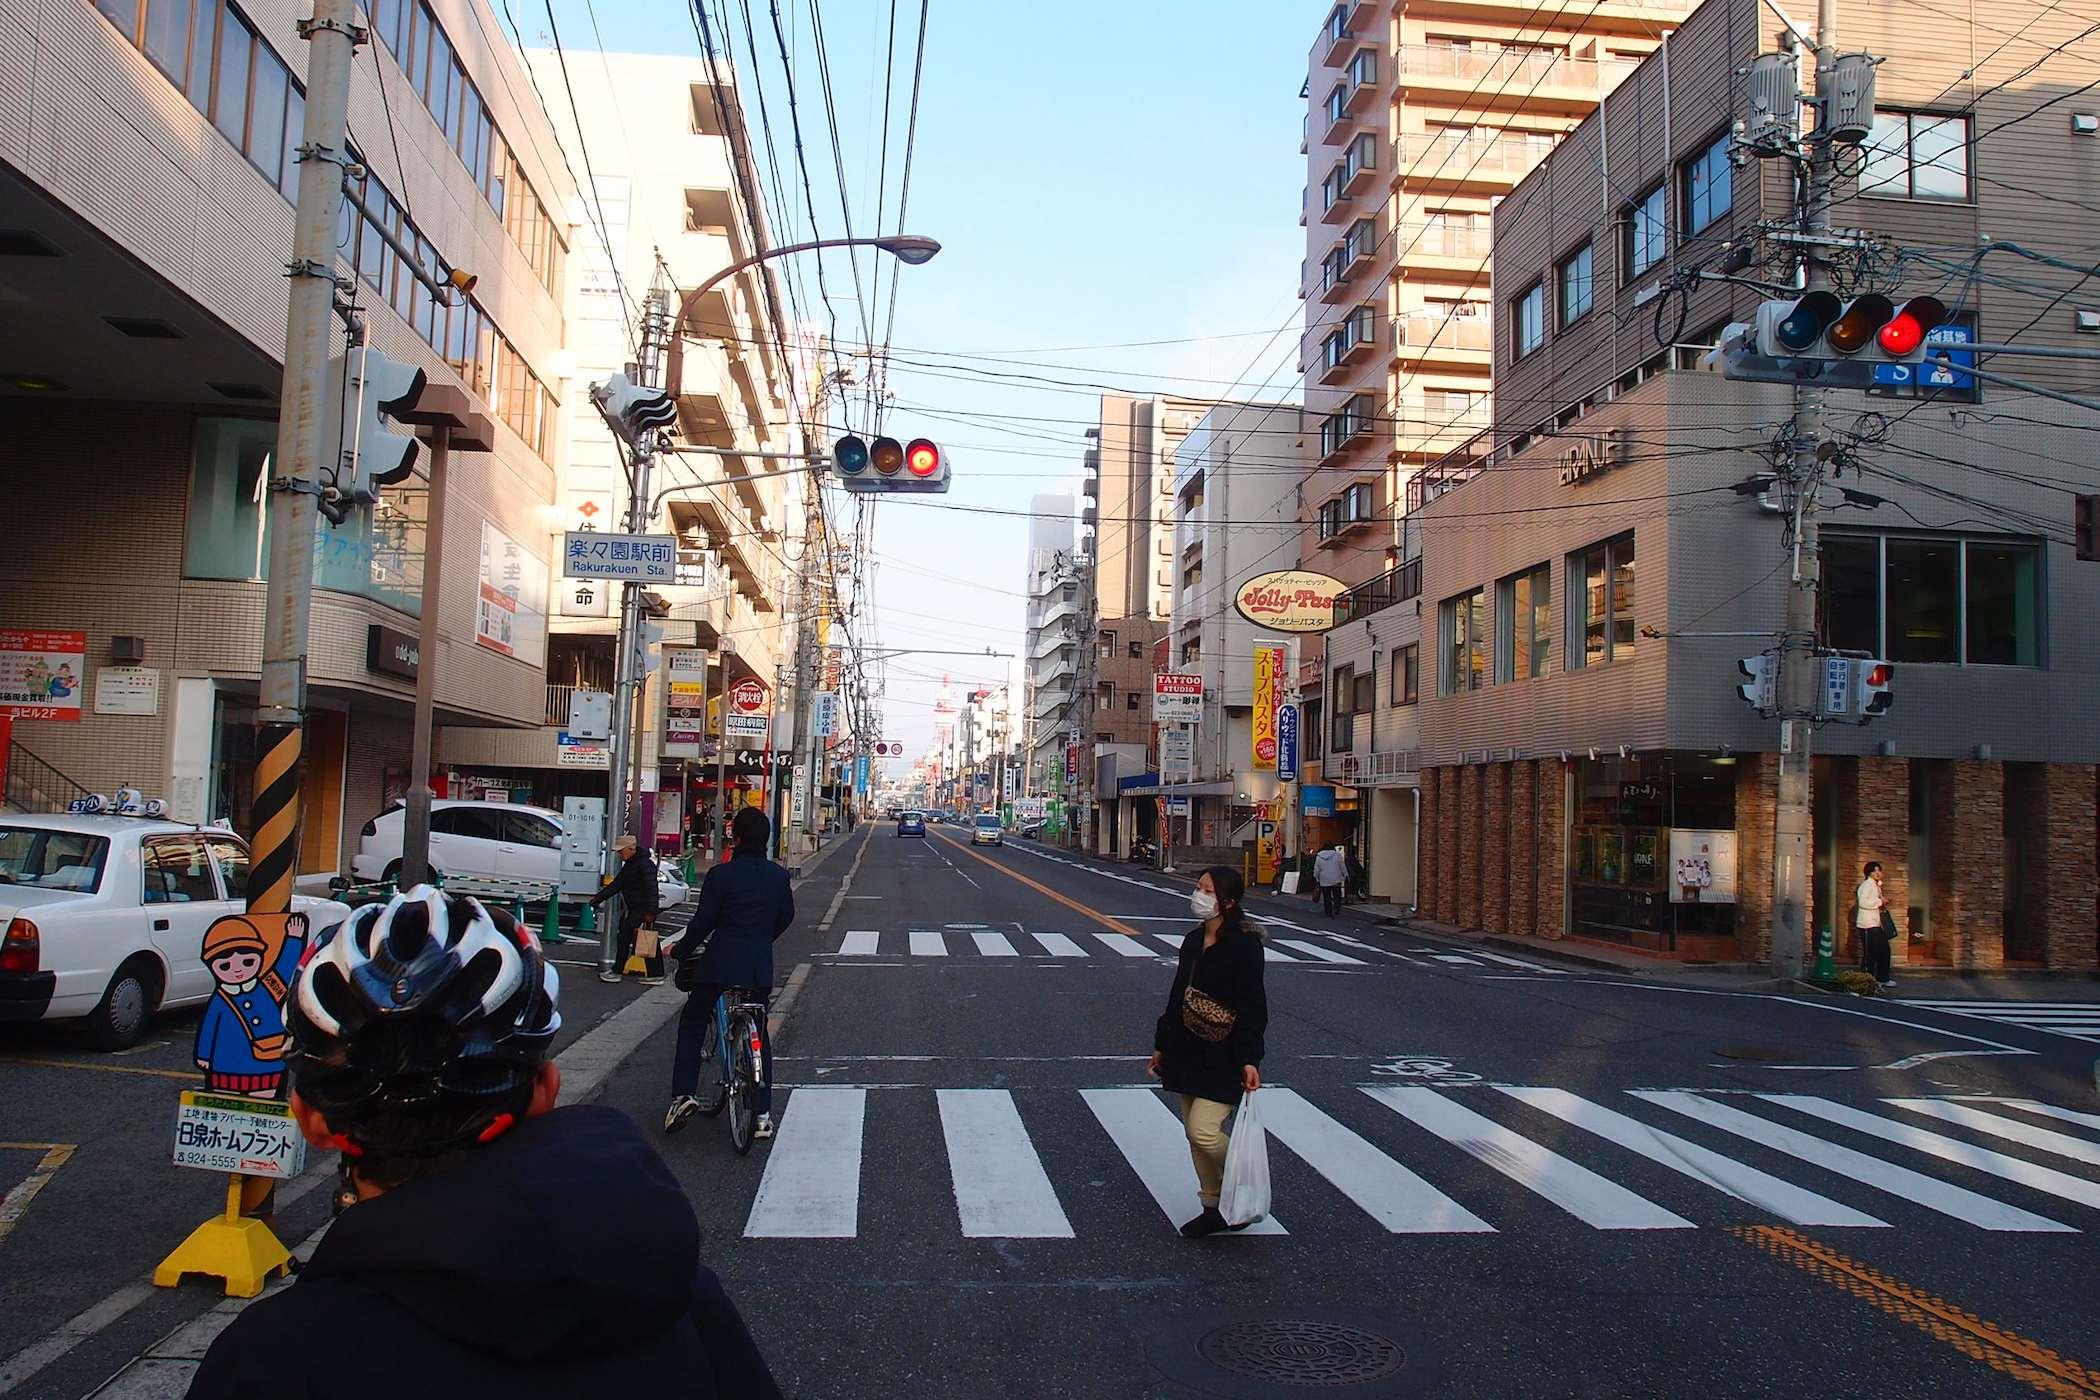 自転車の バイパス 自転車 通行禁止 : ... 自転車【本州編 限界を越えた